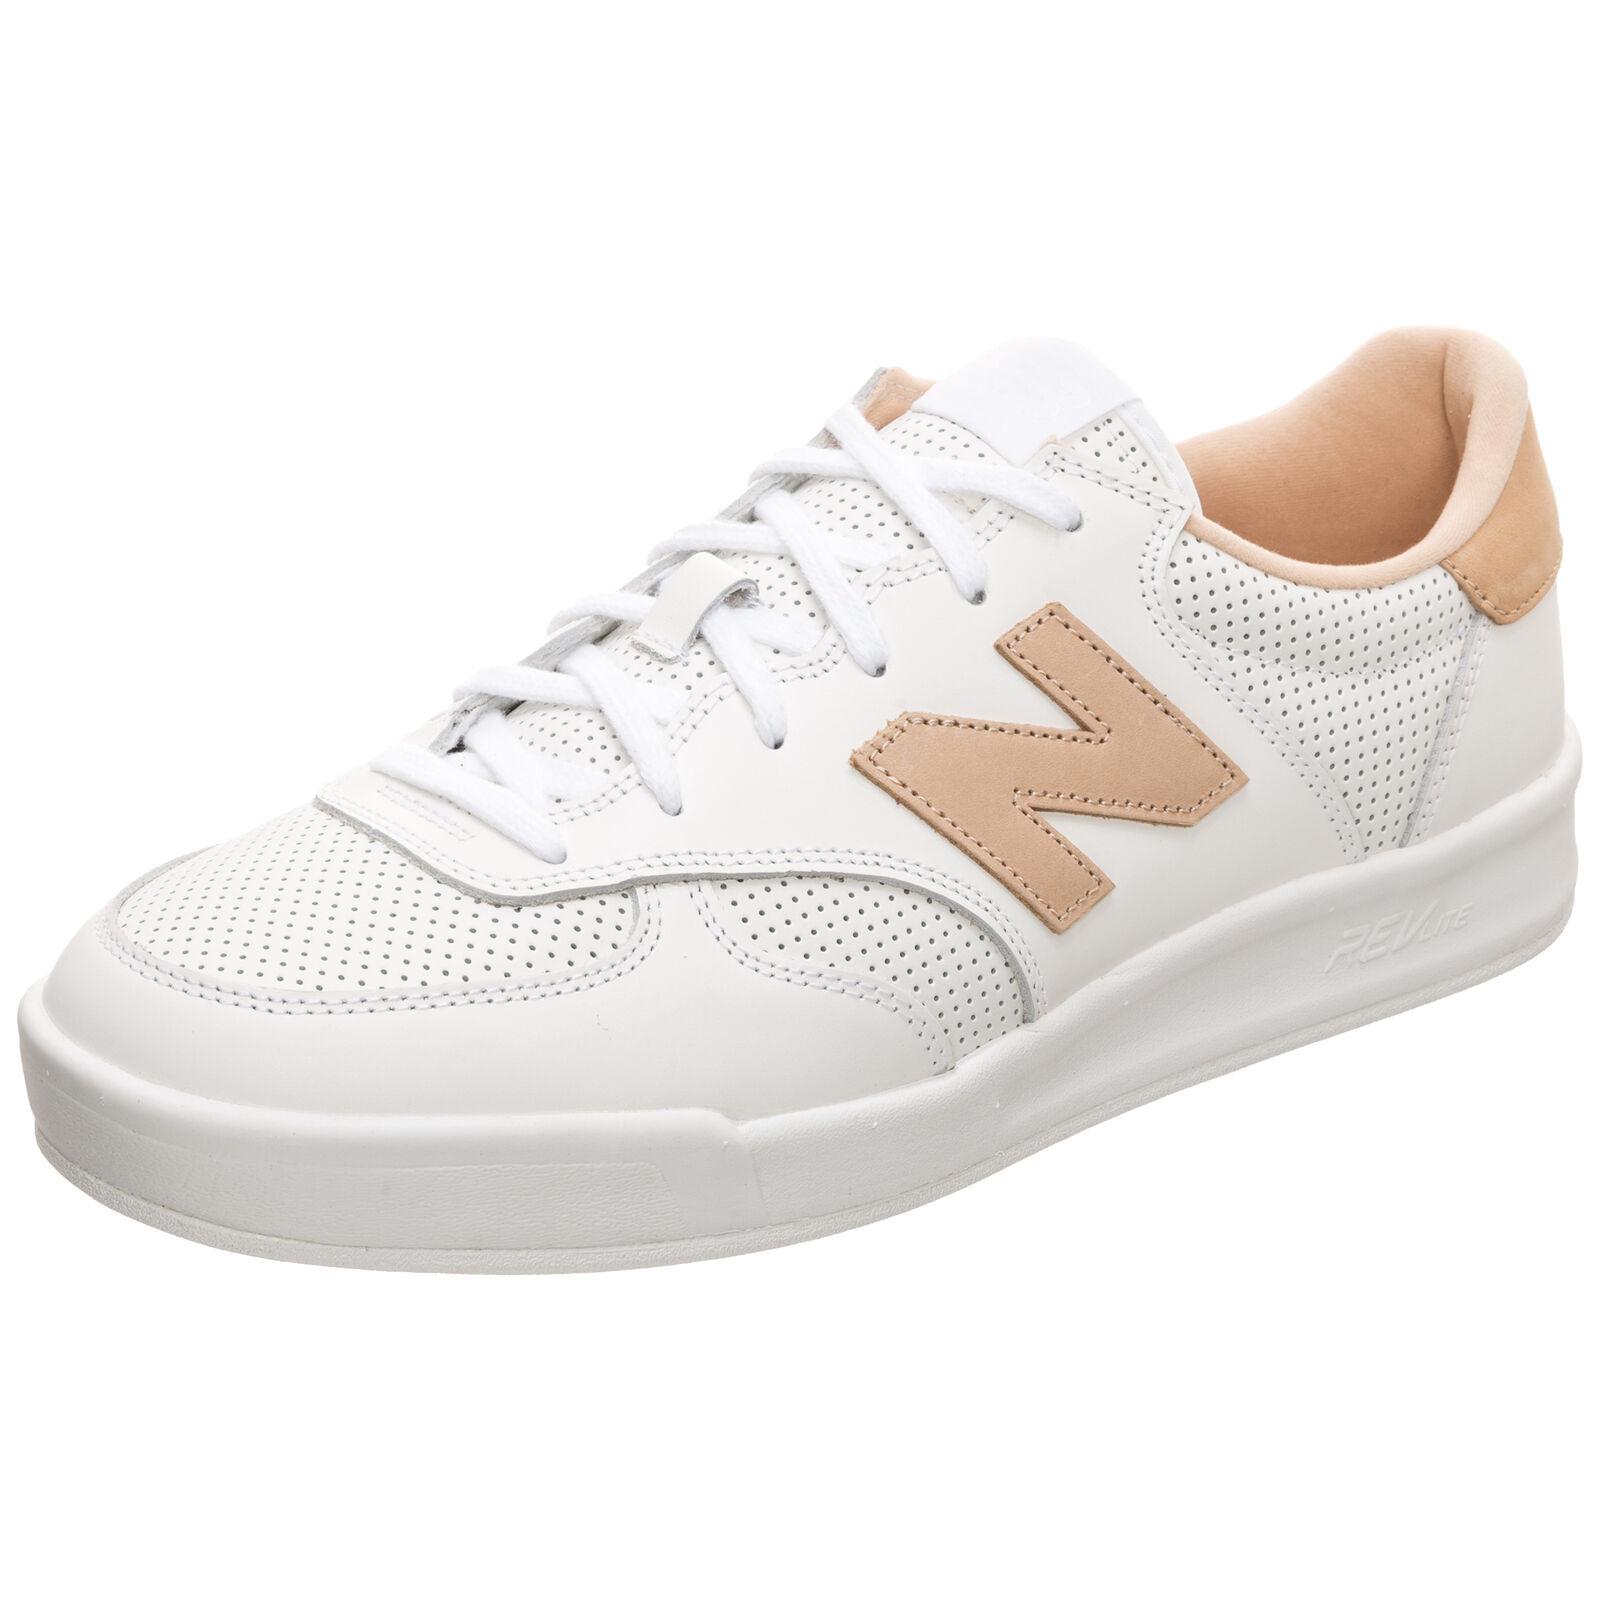 New Balance CRT300-AJ-D Sneaker weiß / hellbraun NEU Schuhe Turnschuhe